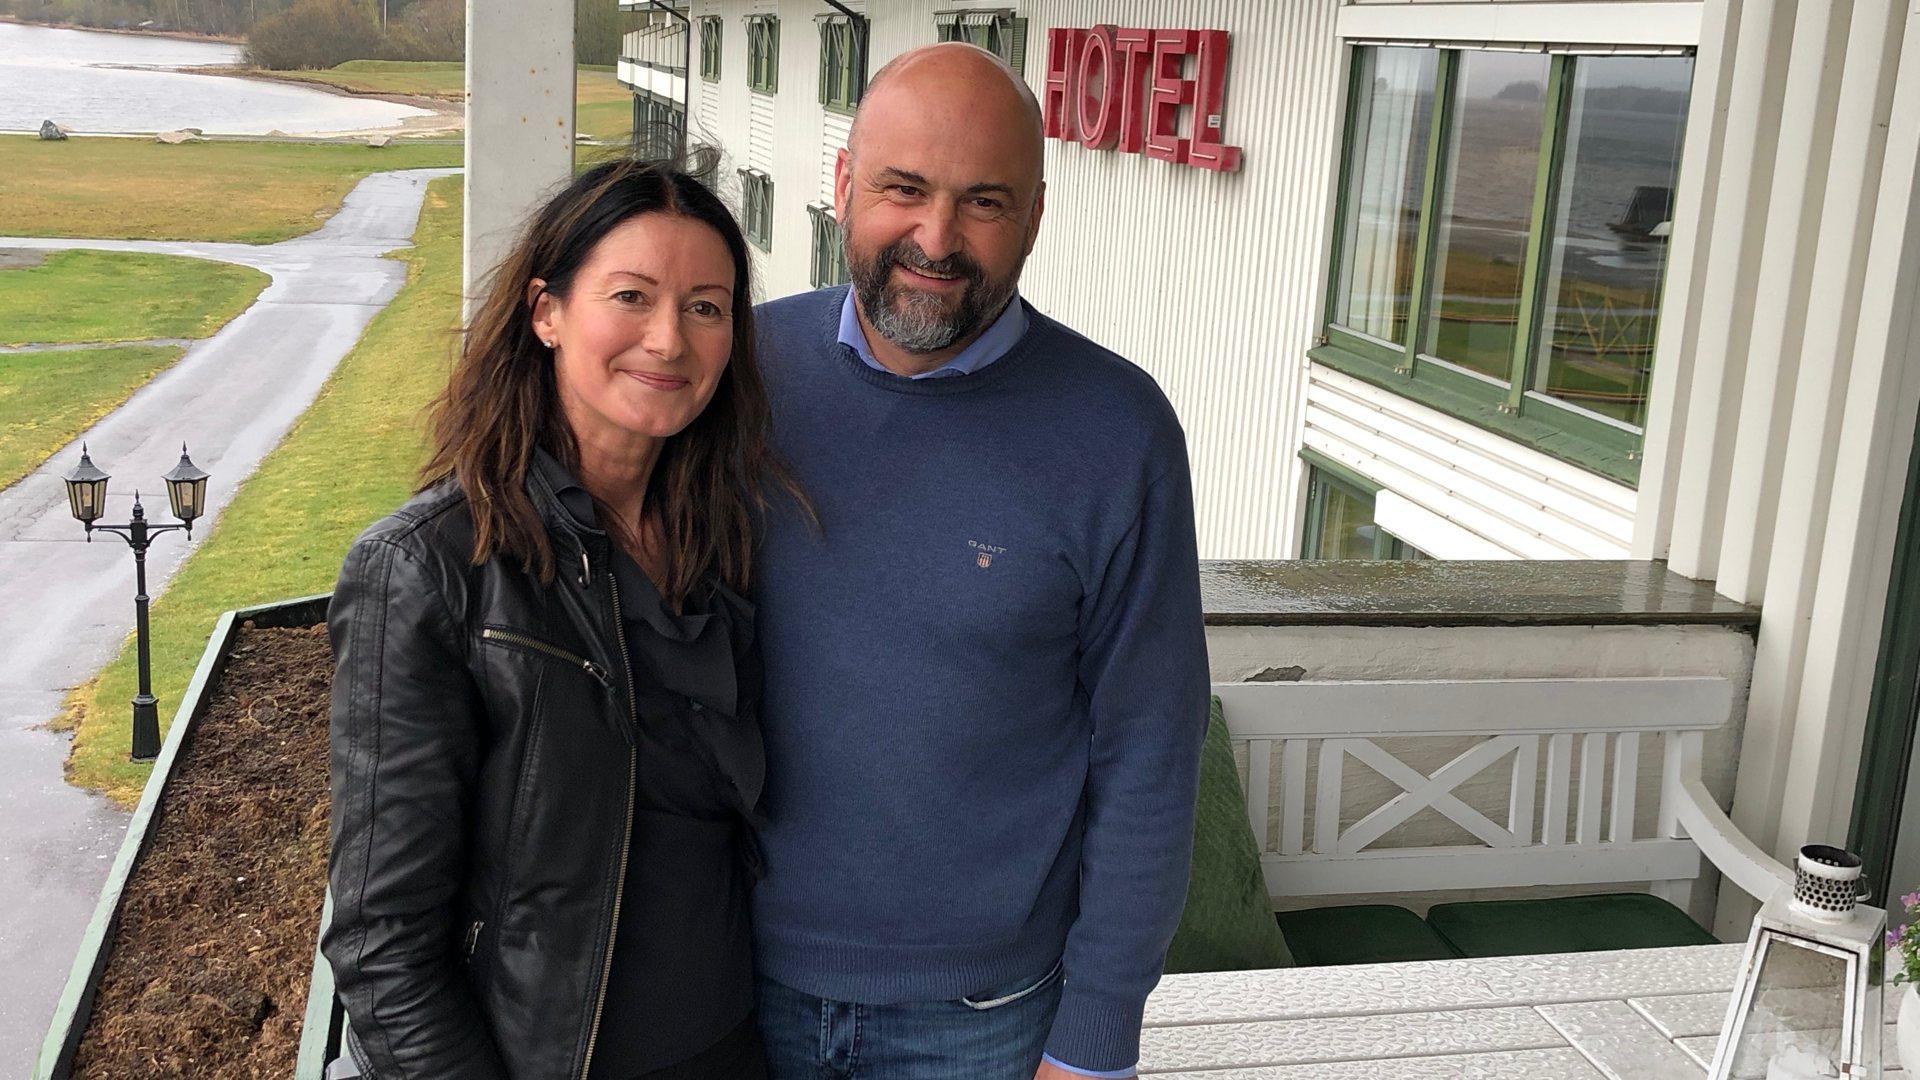 Tyrifjord hotell fyller 40 år. Håper å feire med tilbud til barn og unge